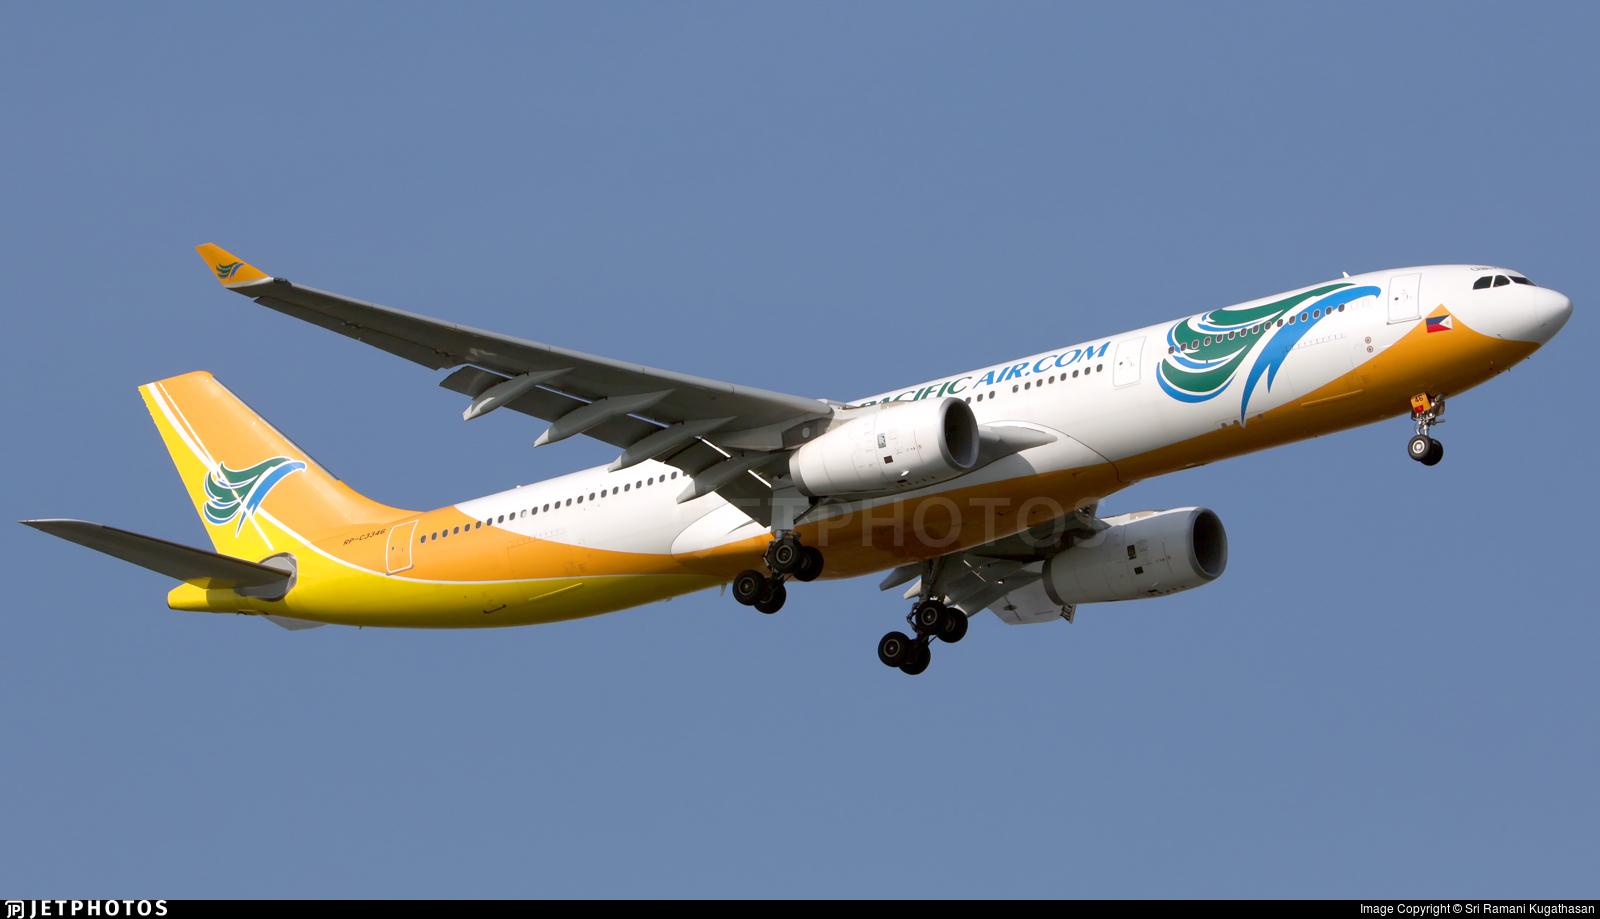 RP-C3346 - Airbus A330-343 - Cebu Pacific Air